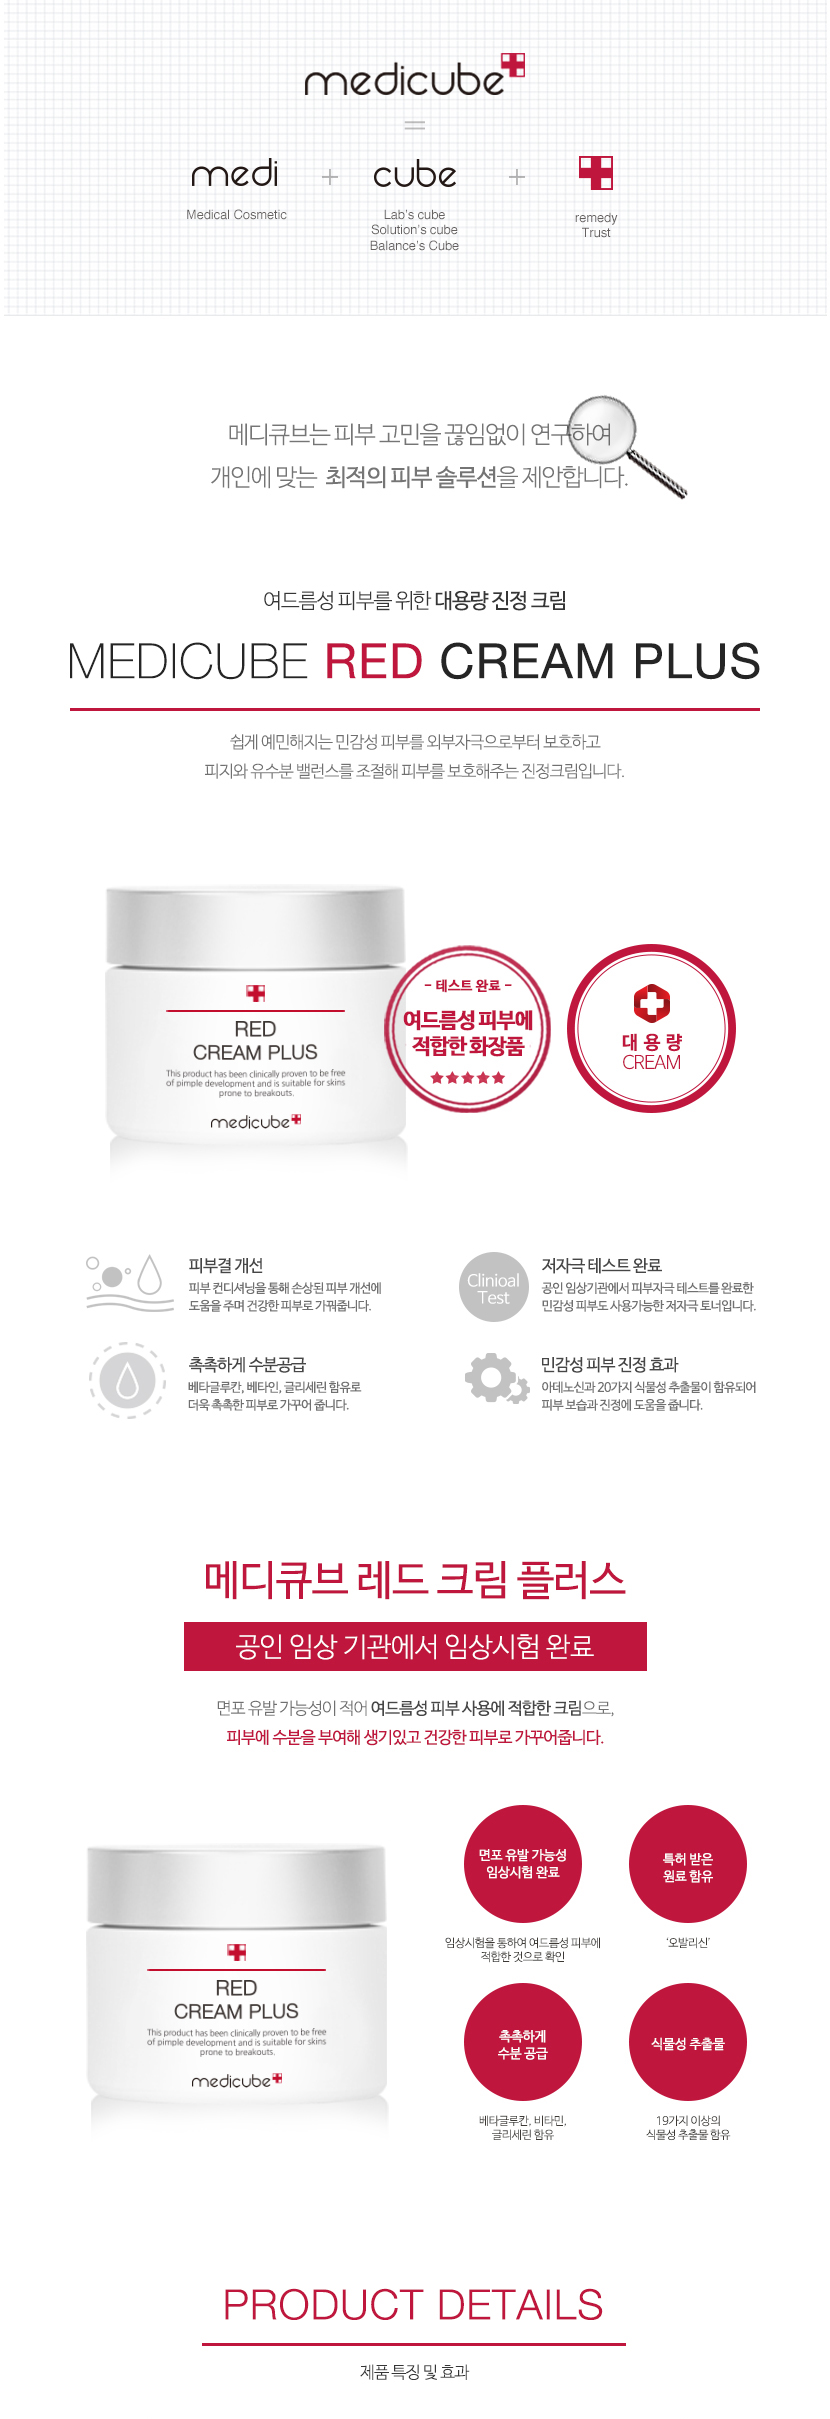 cream-p1.jpg